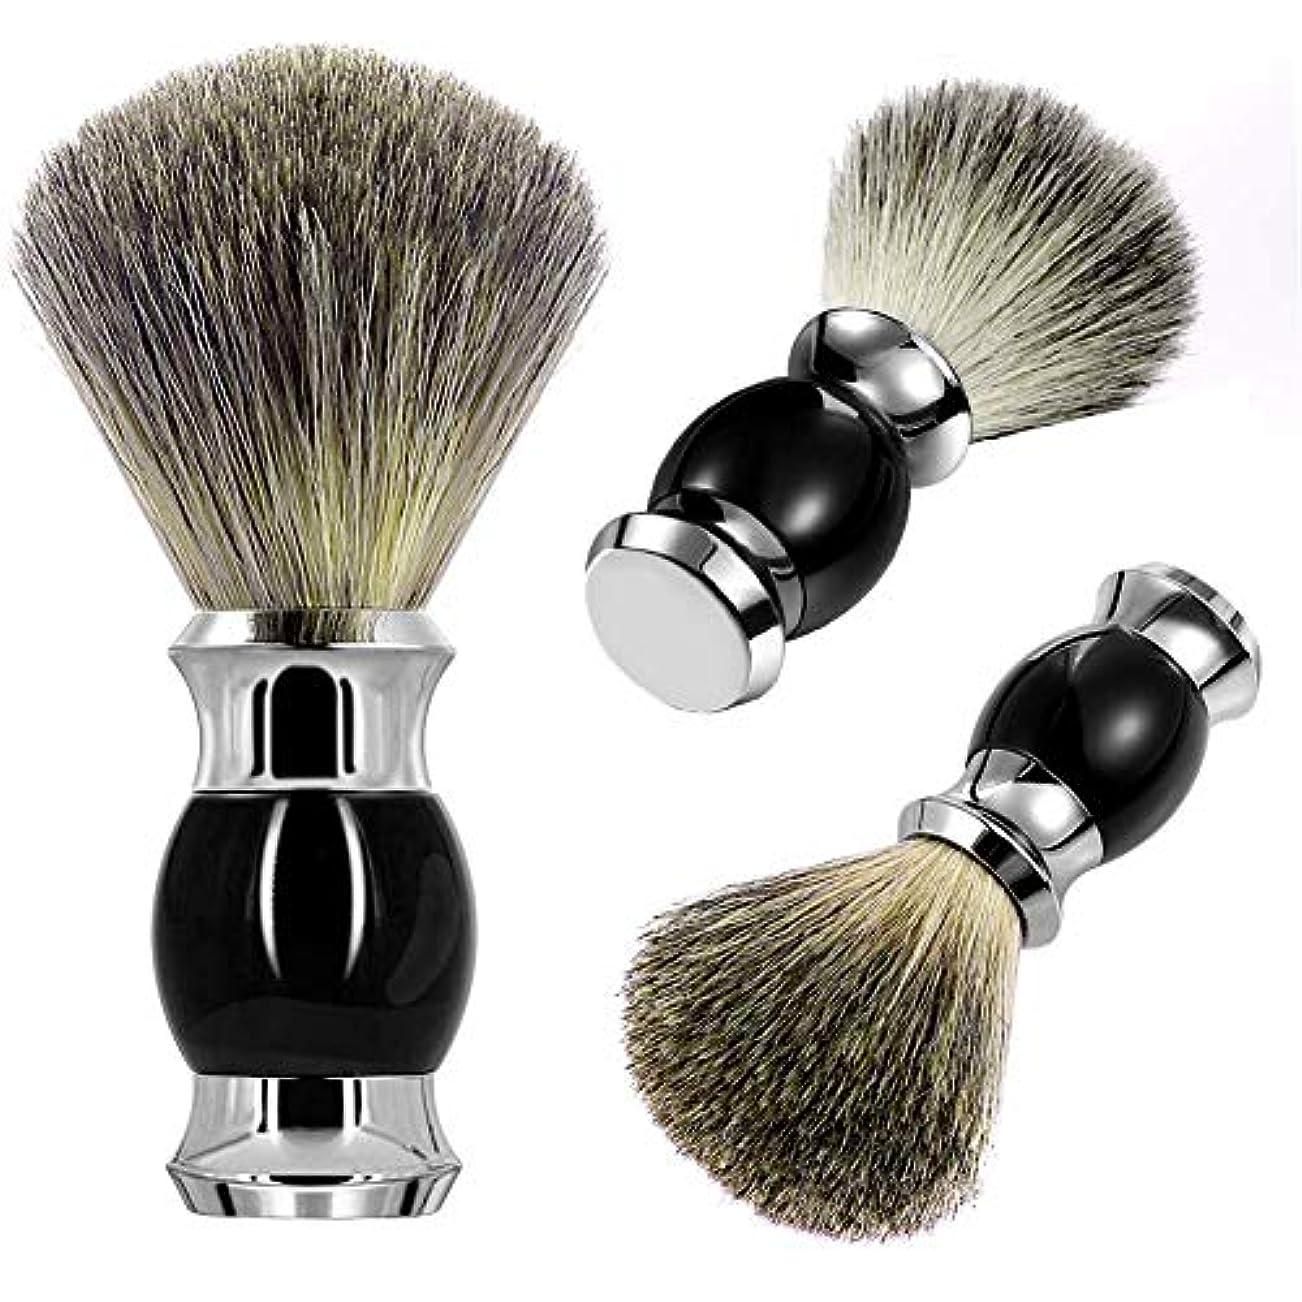 従順な協力するシソーラスひげブラシ シェービング ブラシ メンズ 100% アナグマ毛 理容 洗顔 髭剃り